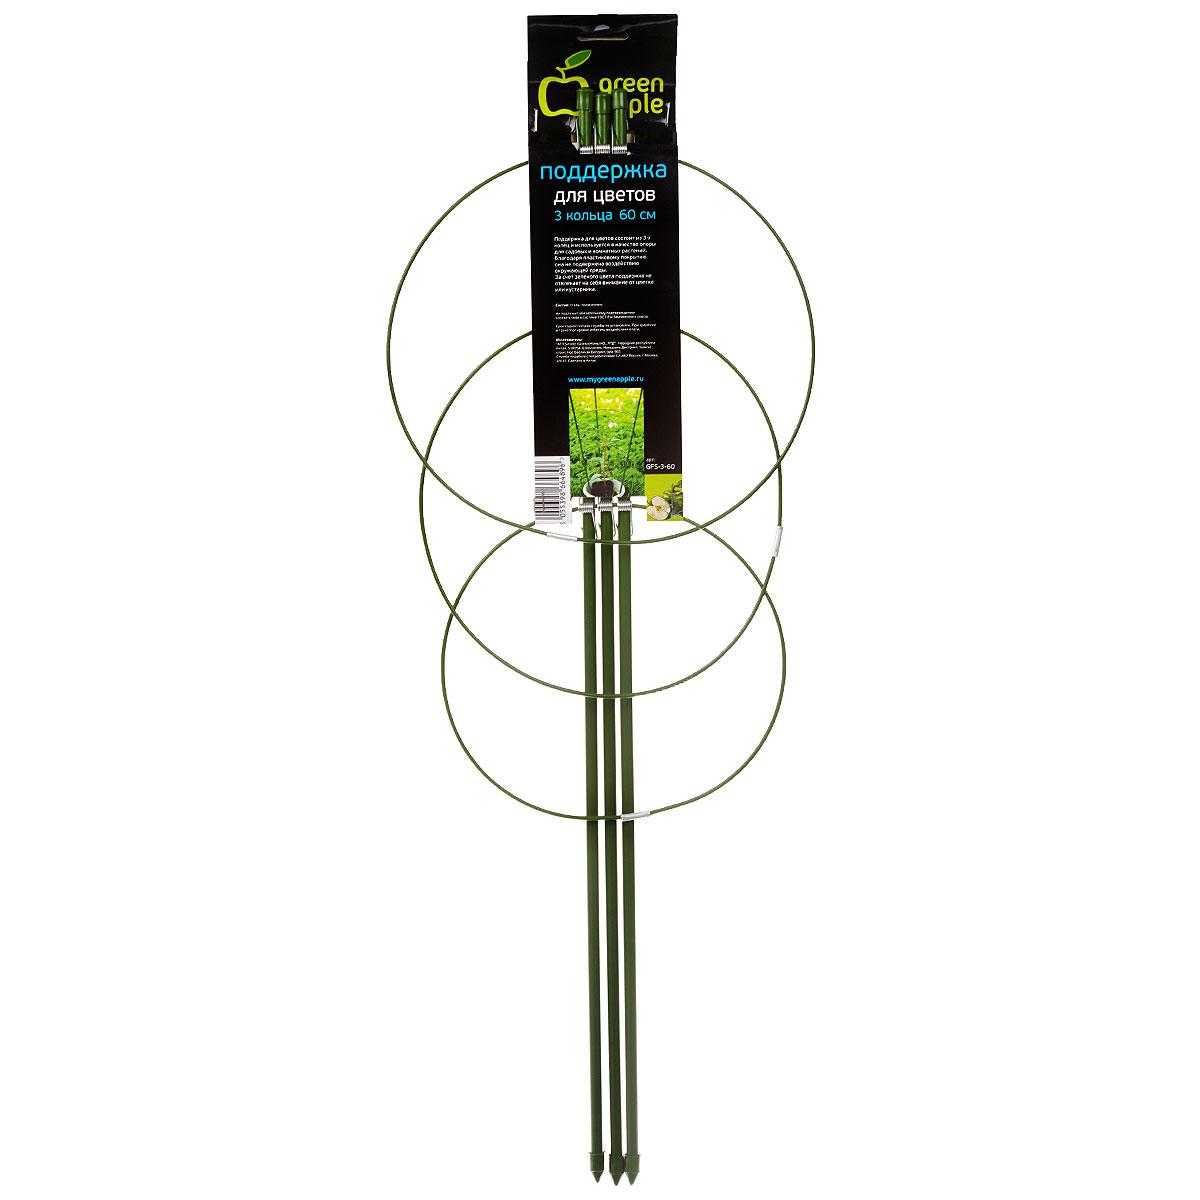 Поддержка для цветов 3 кольца Green Apple GFS-3-60, 60 смGFS-3-60Поддержка для цветов состоит из 3-х колец и используется в качестве опоры для садовых и комнатных растений. Благодаря пластиковому покрытию она не подвержена воздействию окружающей среды. За счет зеленого цвета поддержка не отвлекает на себя внимание от цветка или кустарника.